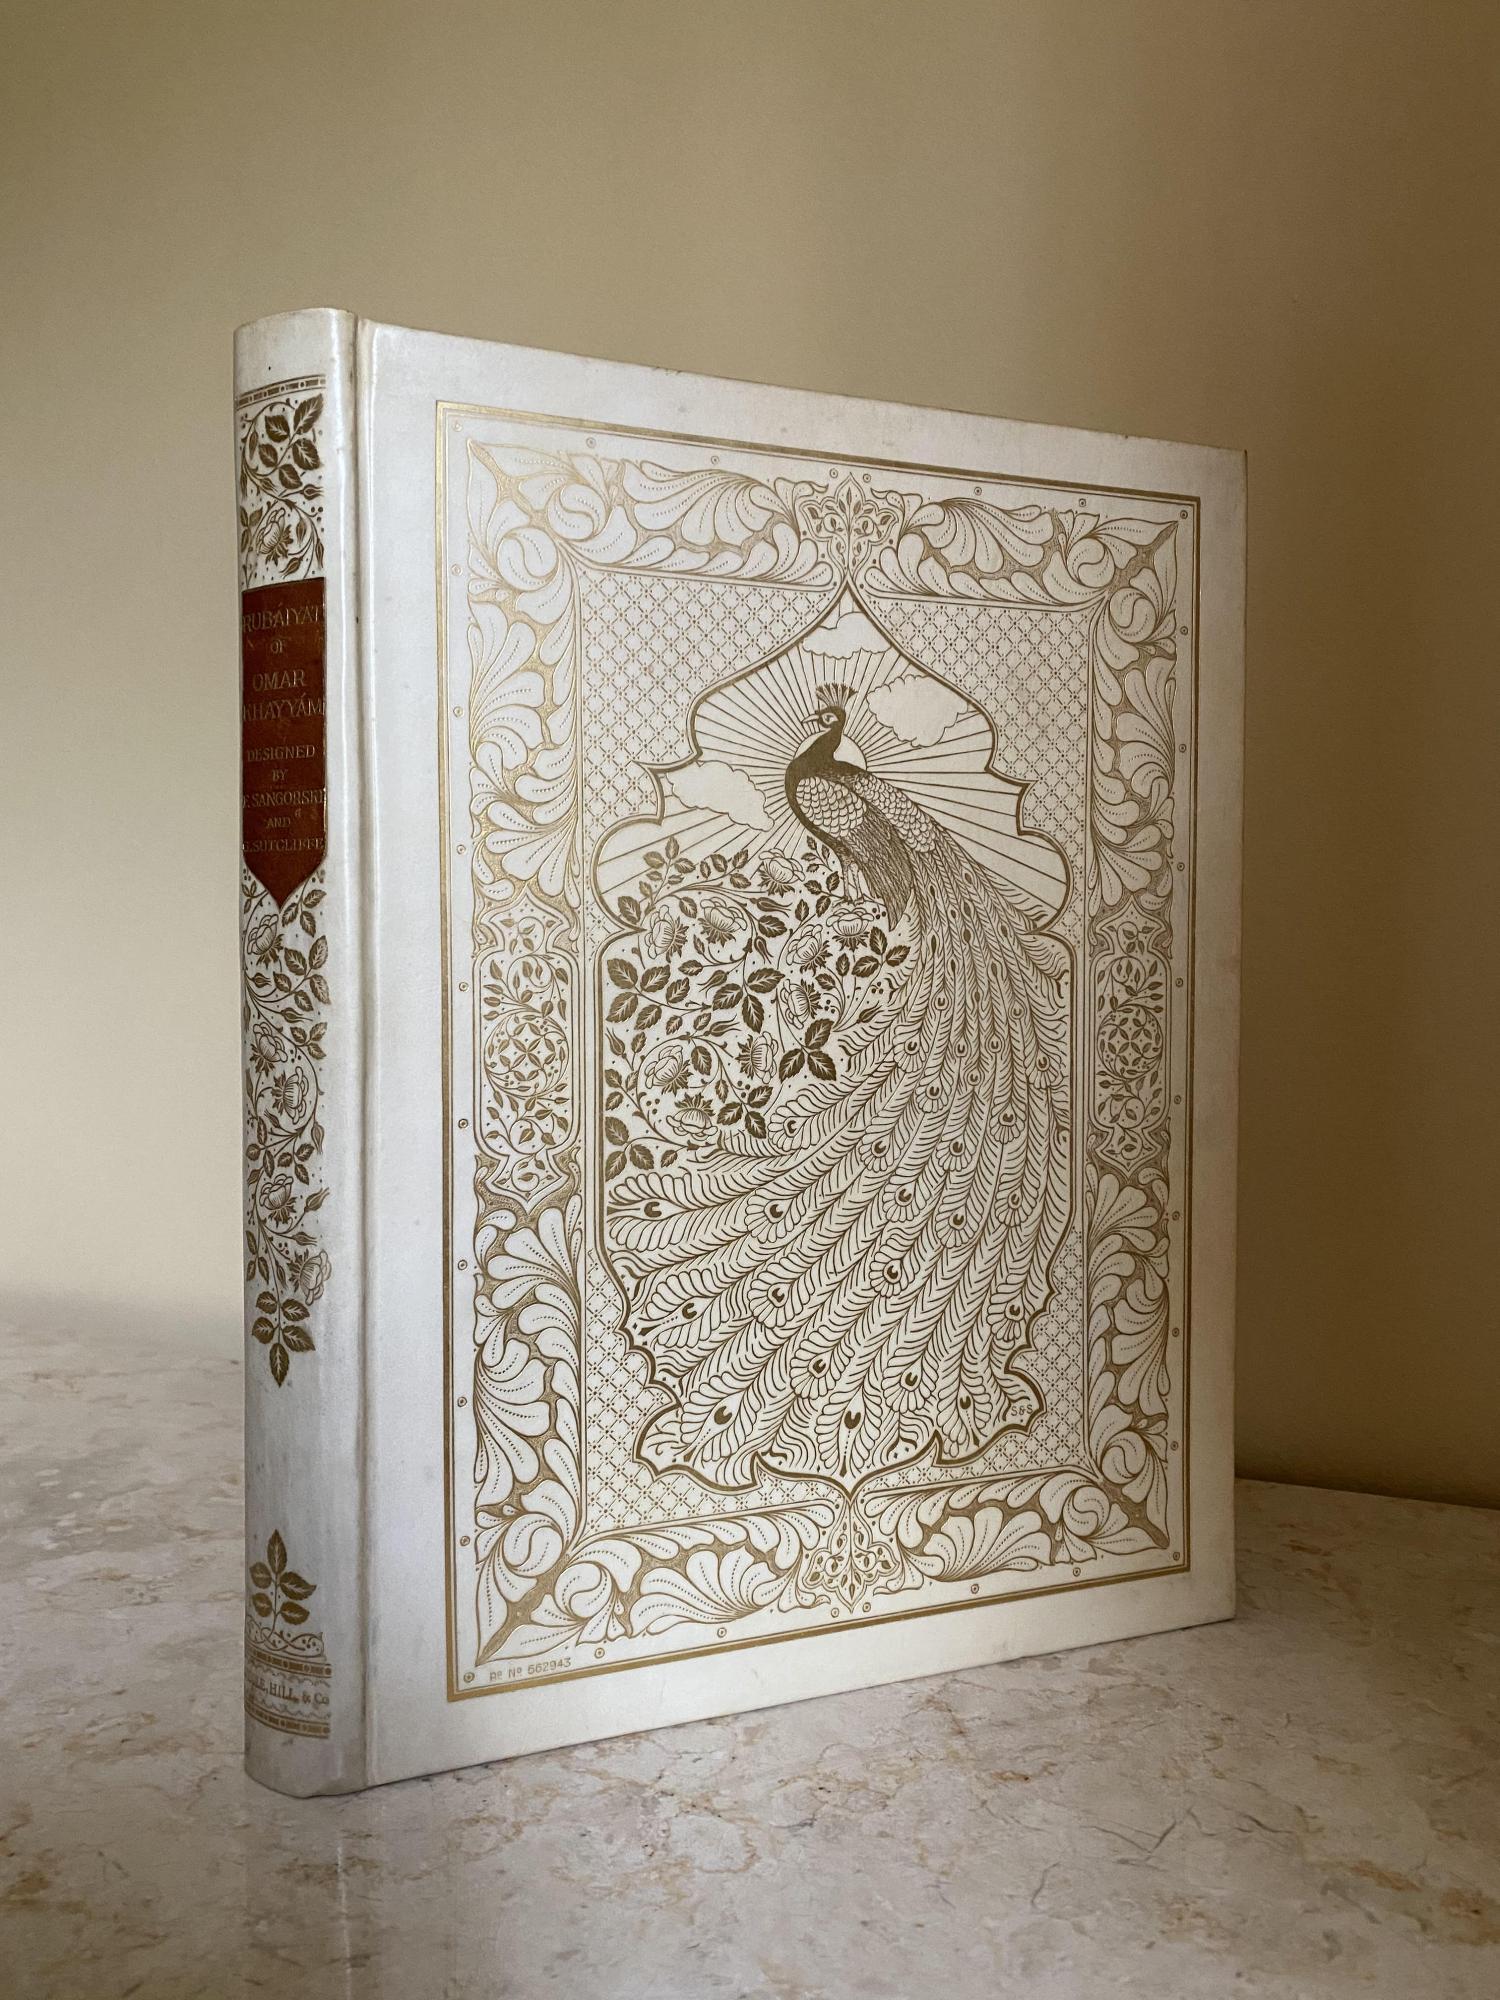 Manuscript Seller Supplied Images Abebooks